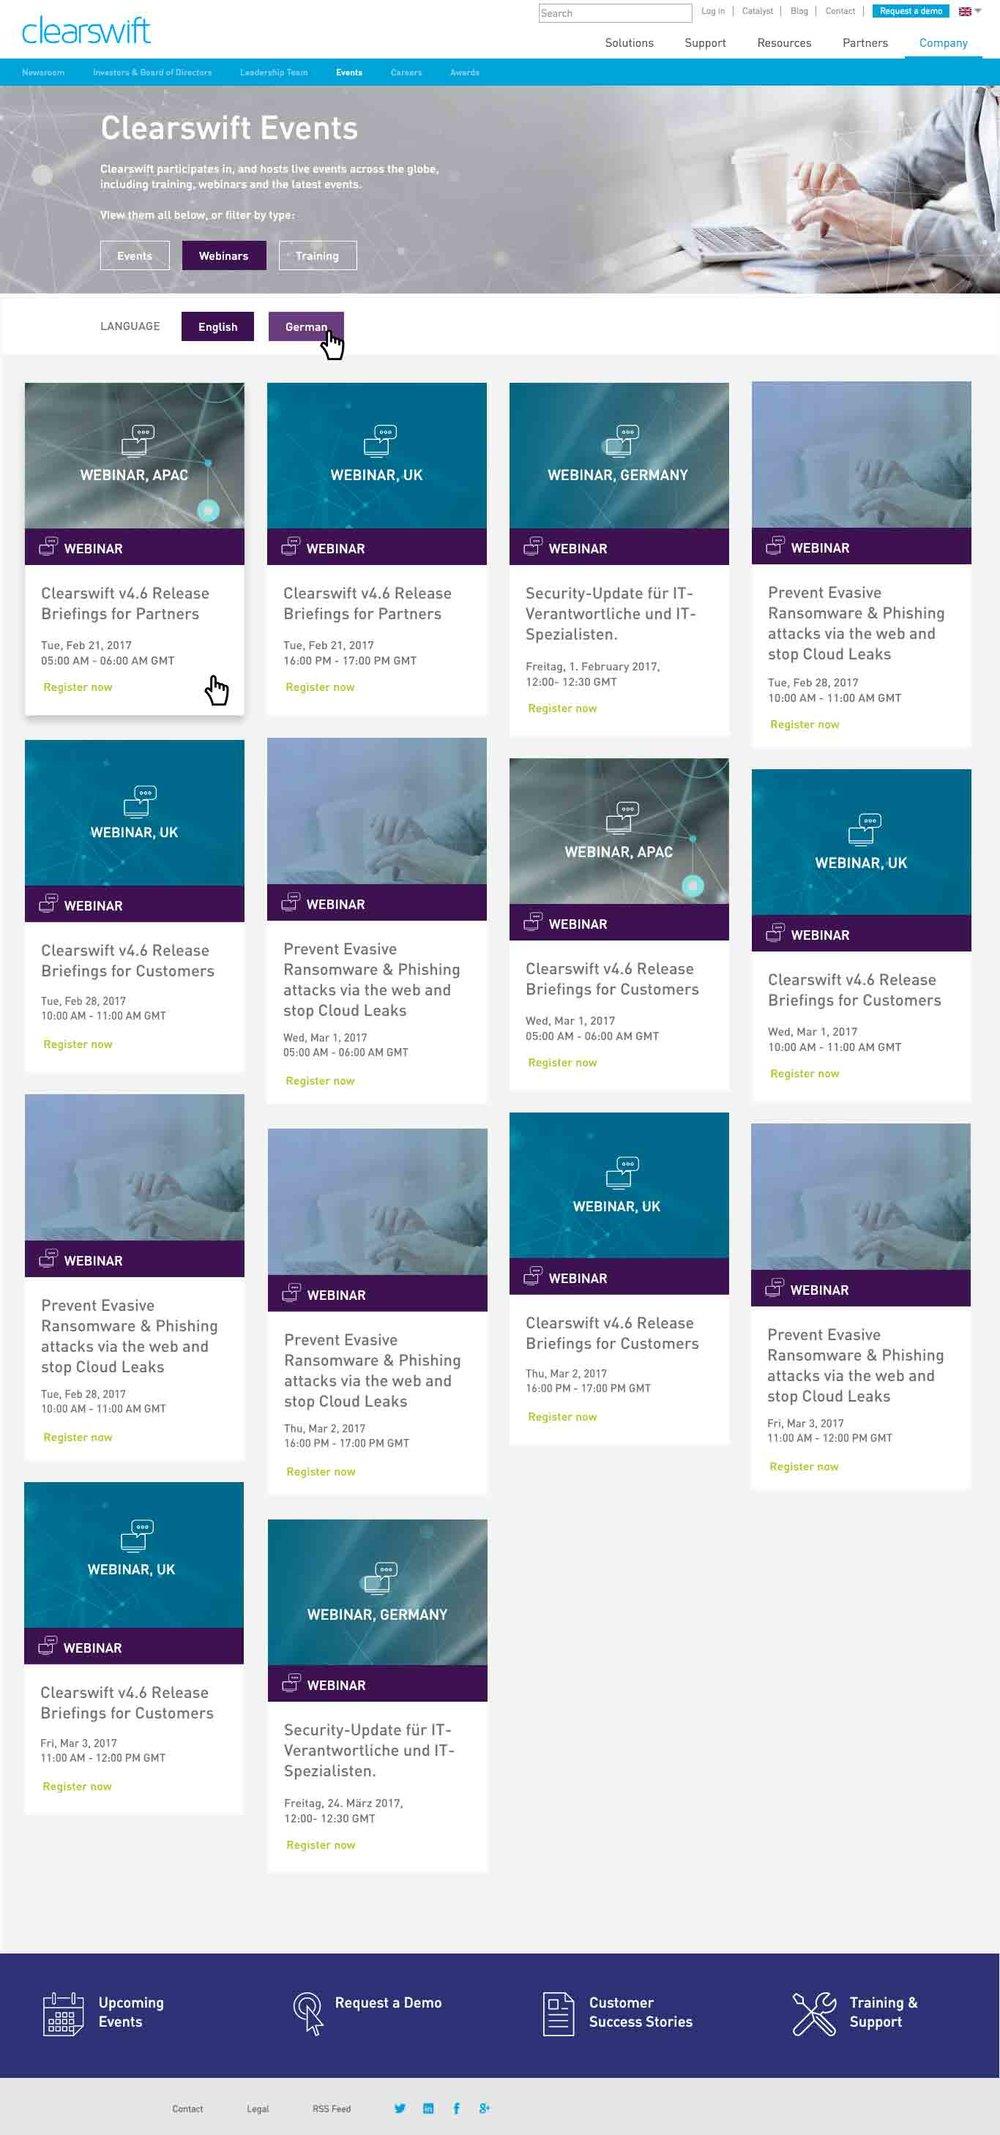 4-Webinars.jpg